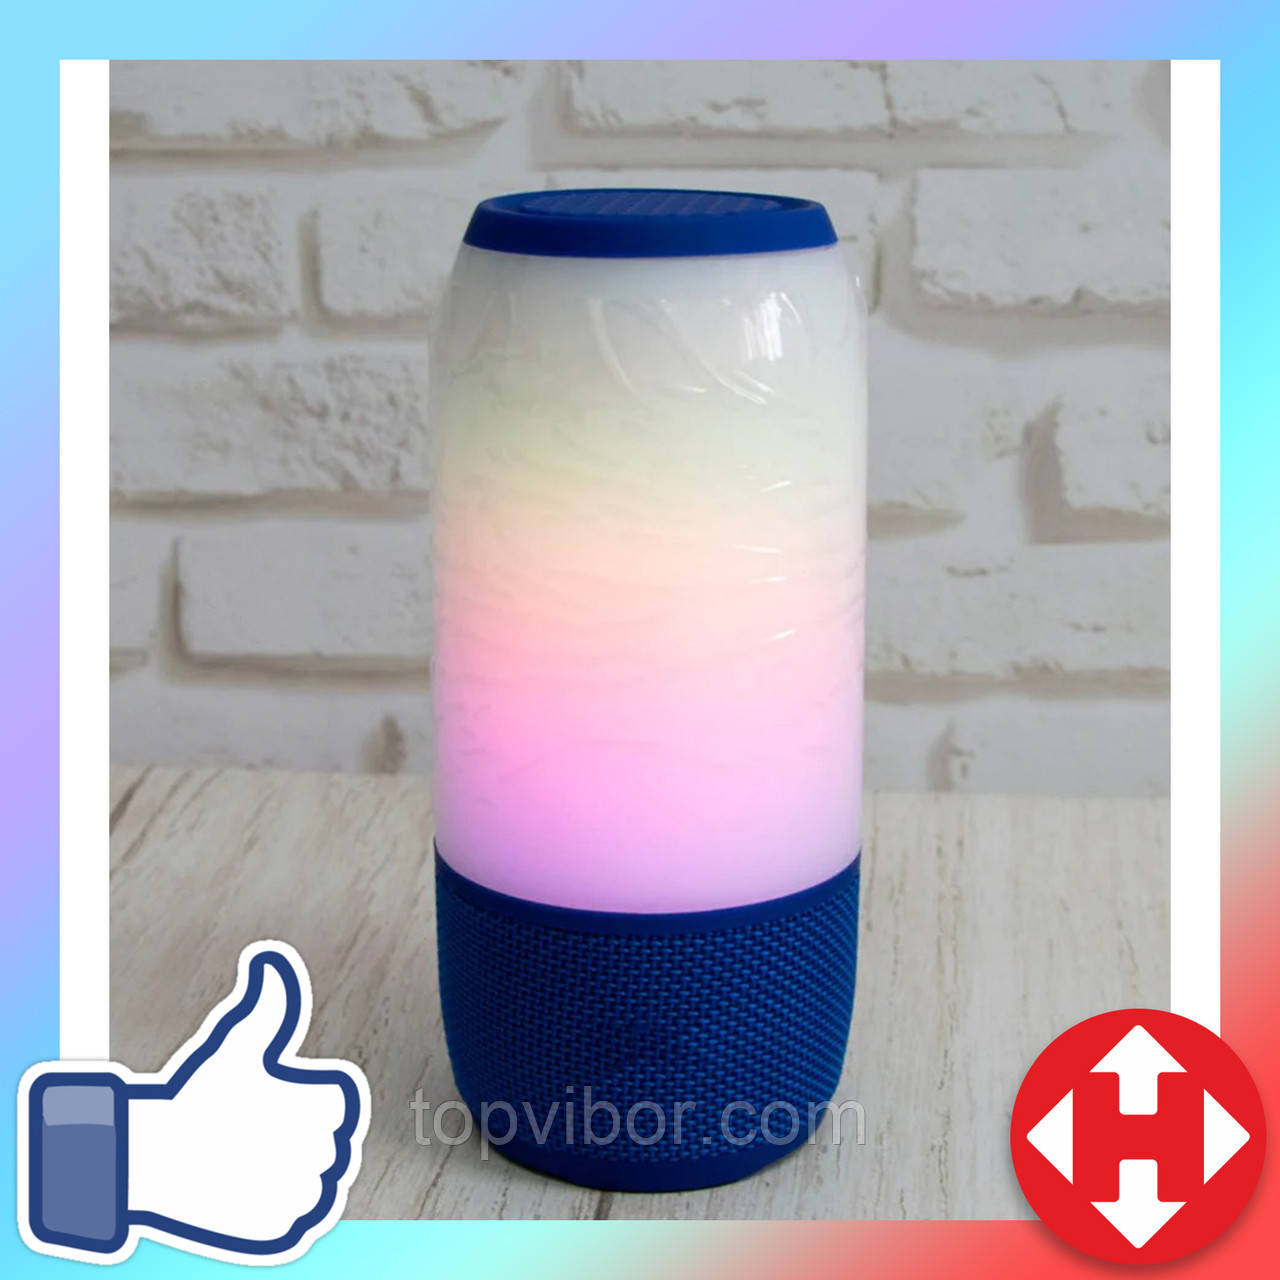 LED колонка Светящаяся синяя, переносная блютуз колонка для телефона с флешкой и микрофоном